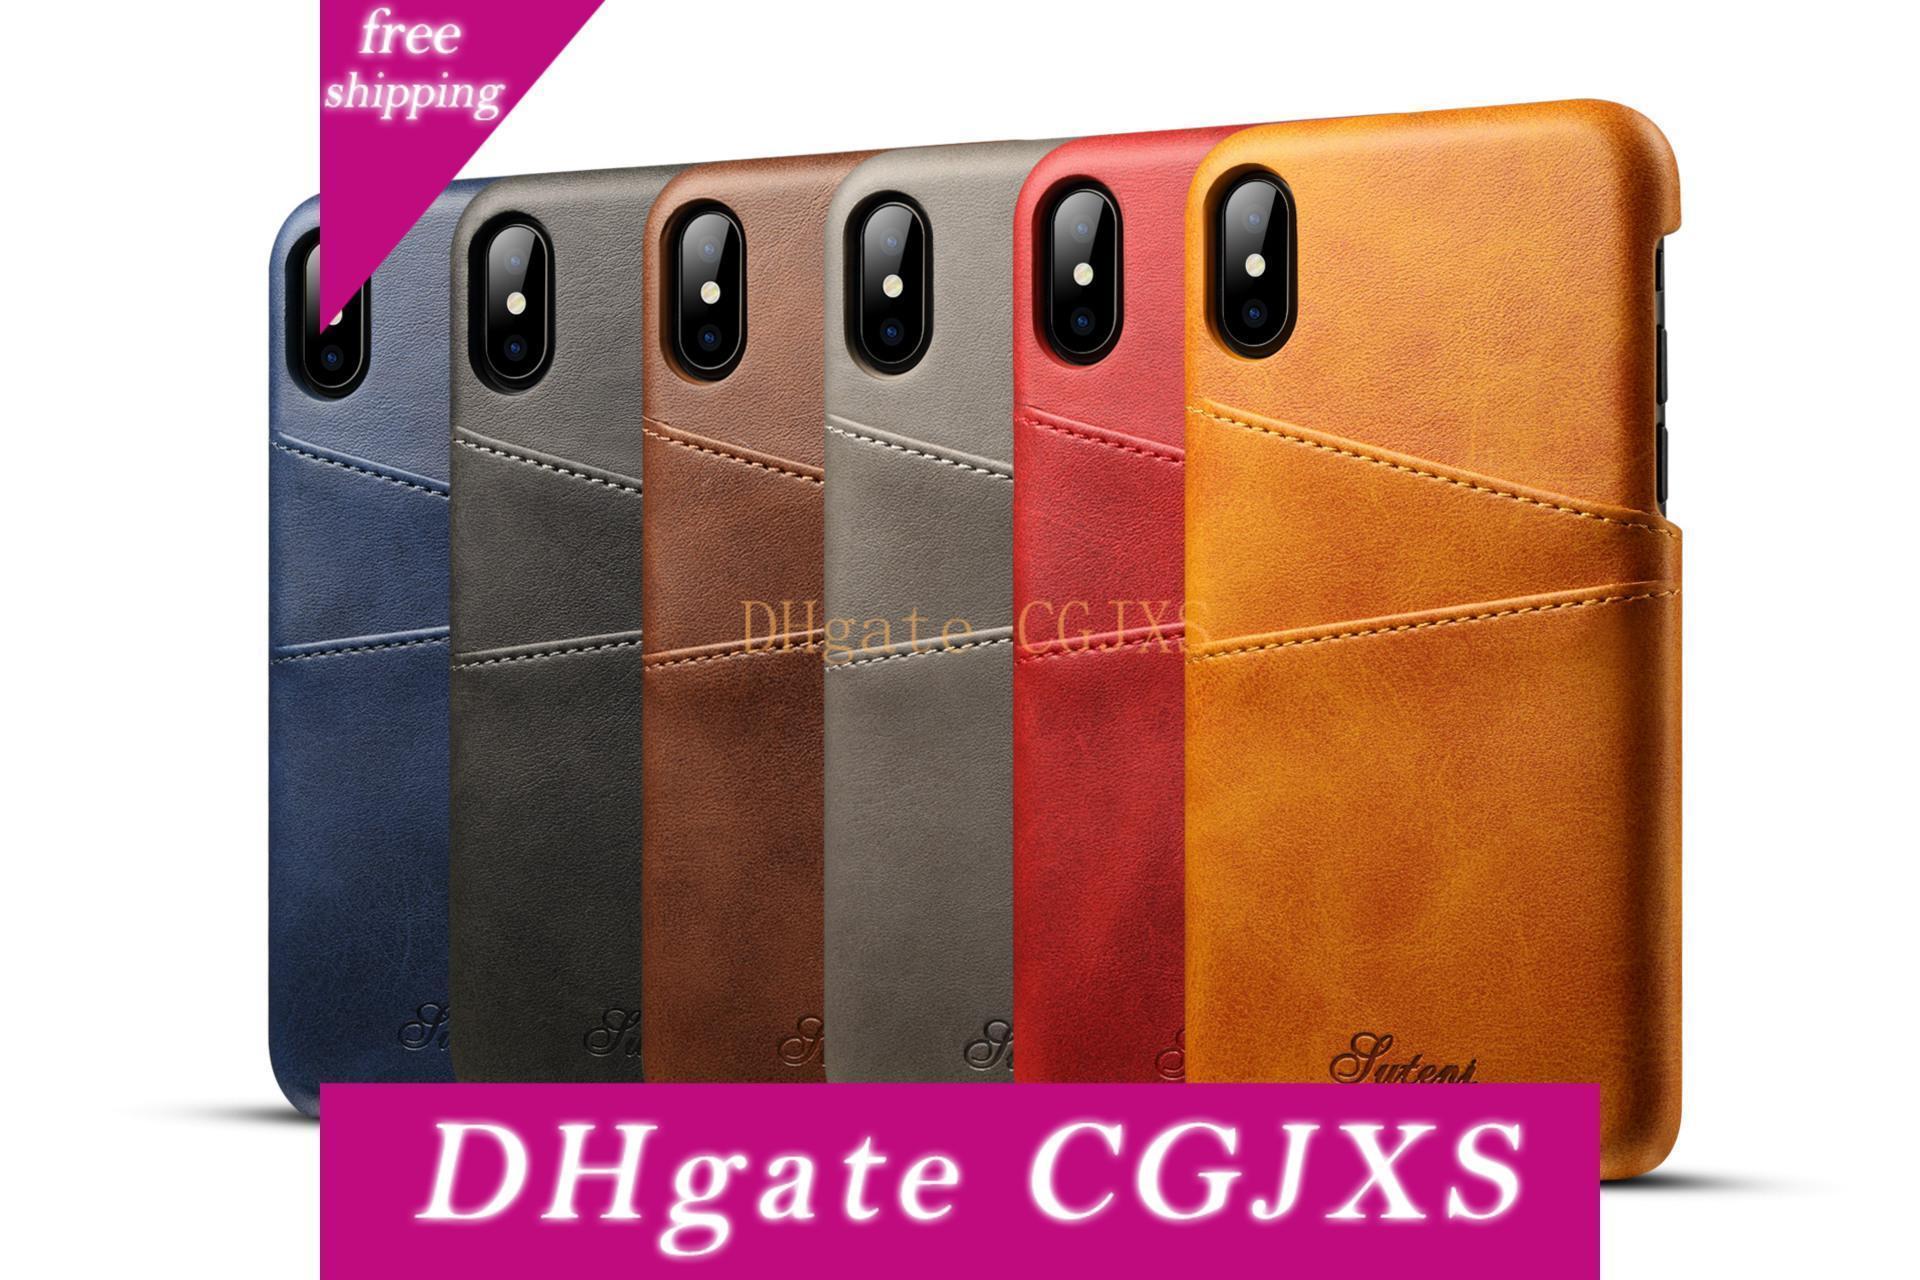 Пользовательский логотип чехол для Iphone 8 8 Plus 7 7 Plus кожаный чехол Luxury Wallet Card Slots Назад Капа для Iphone 7 8plus Случаи Fundas